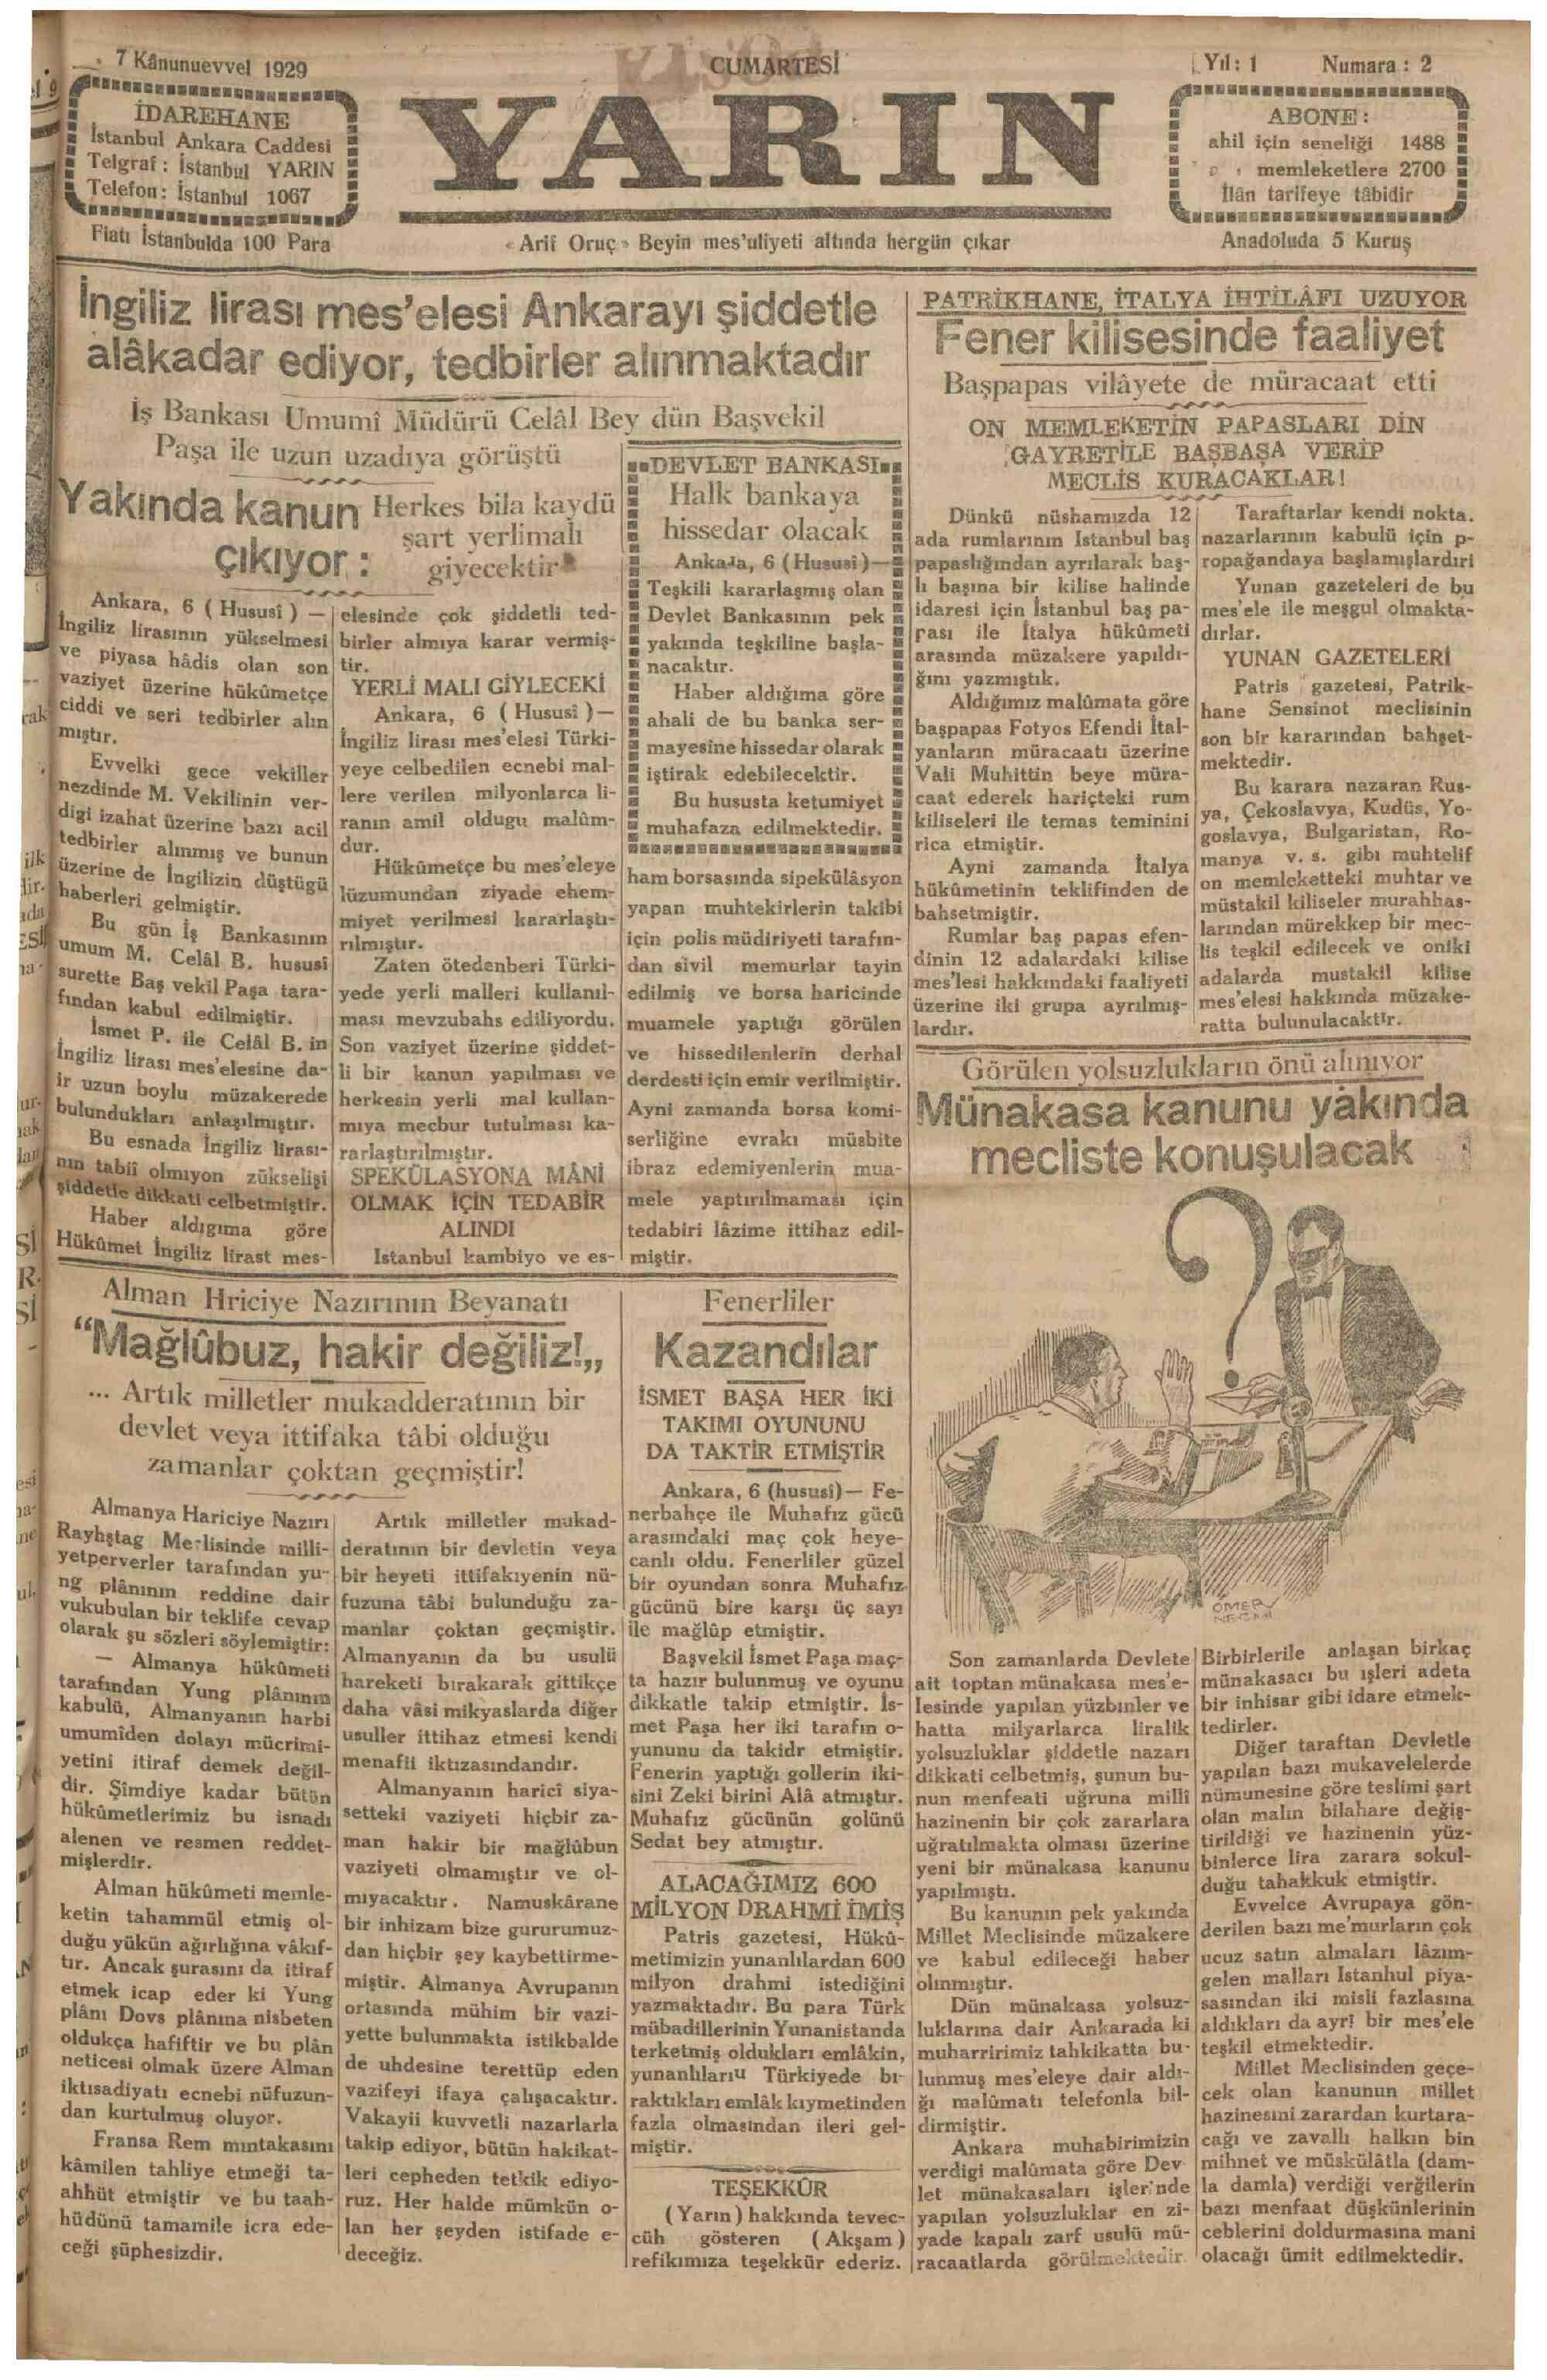 7 Aralık 1929 Tarihli Yarın Gazetesi Sayfa 1